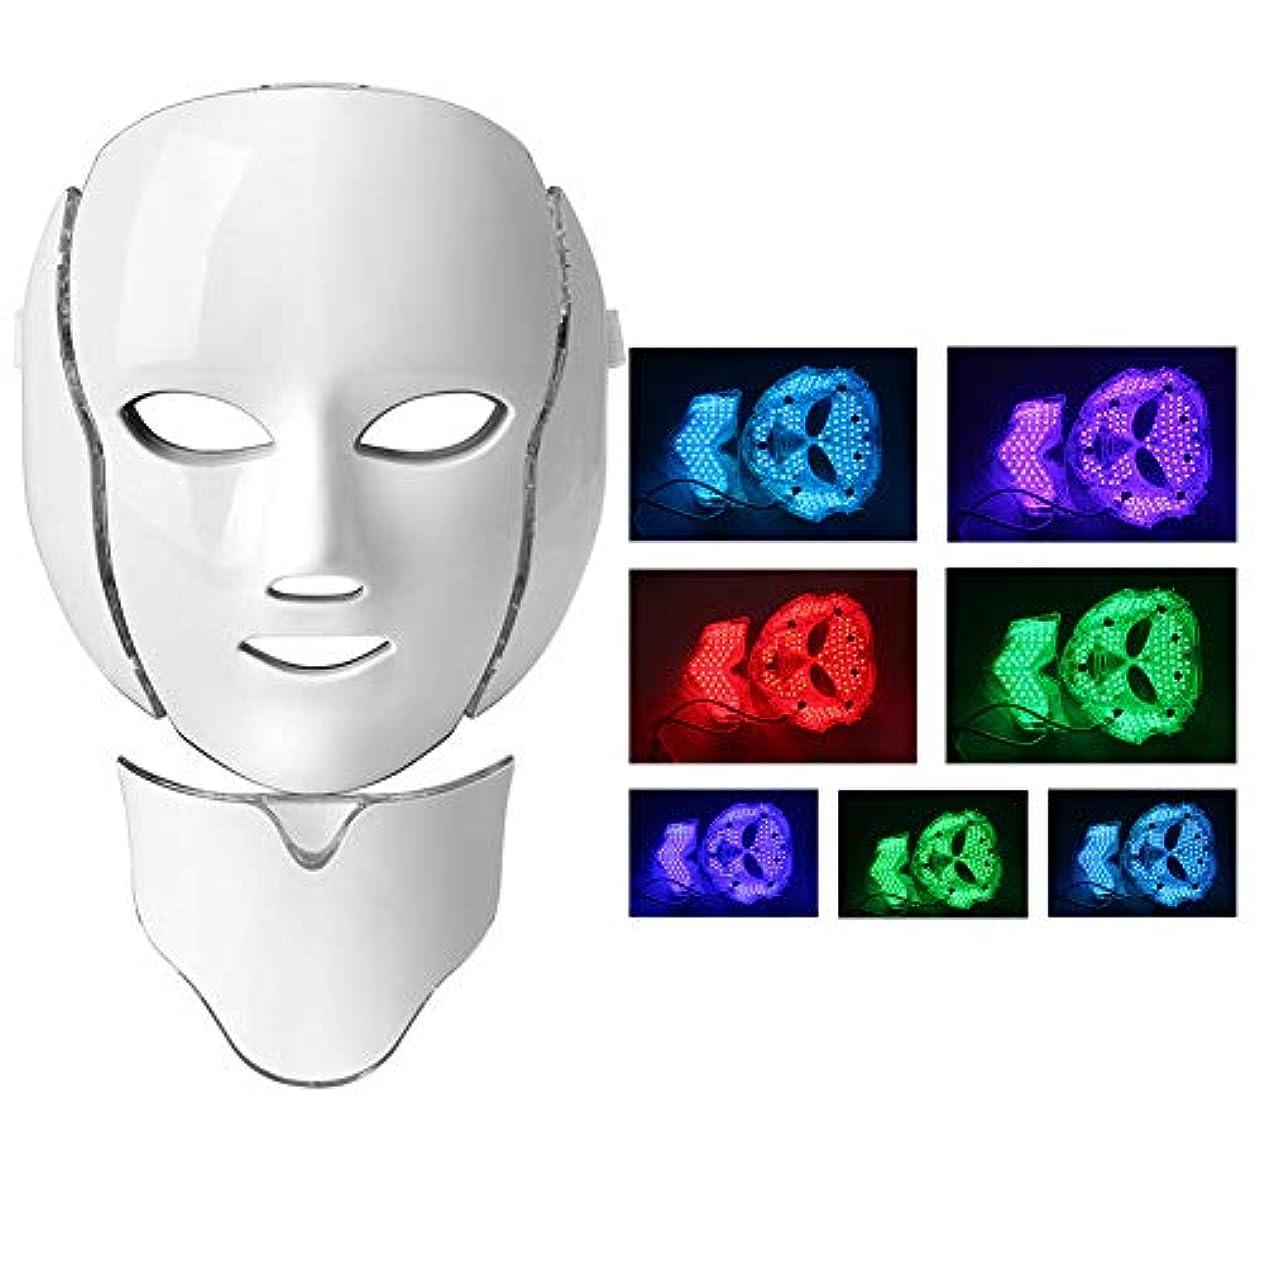 退却王朝風が強い光療法フェイスマスク、光子療法7色のにきび治療Led光子マスク顔スキンケア抗老化キット